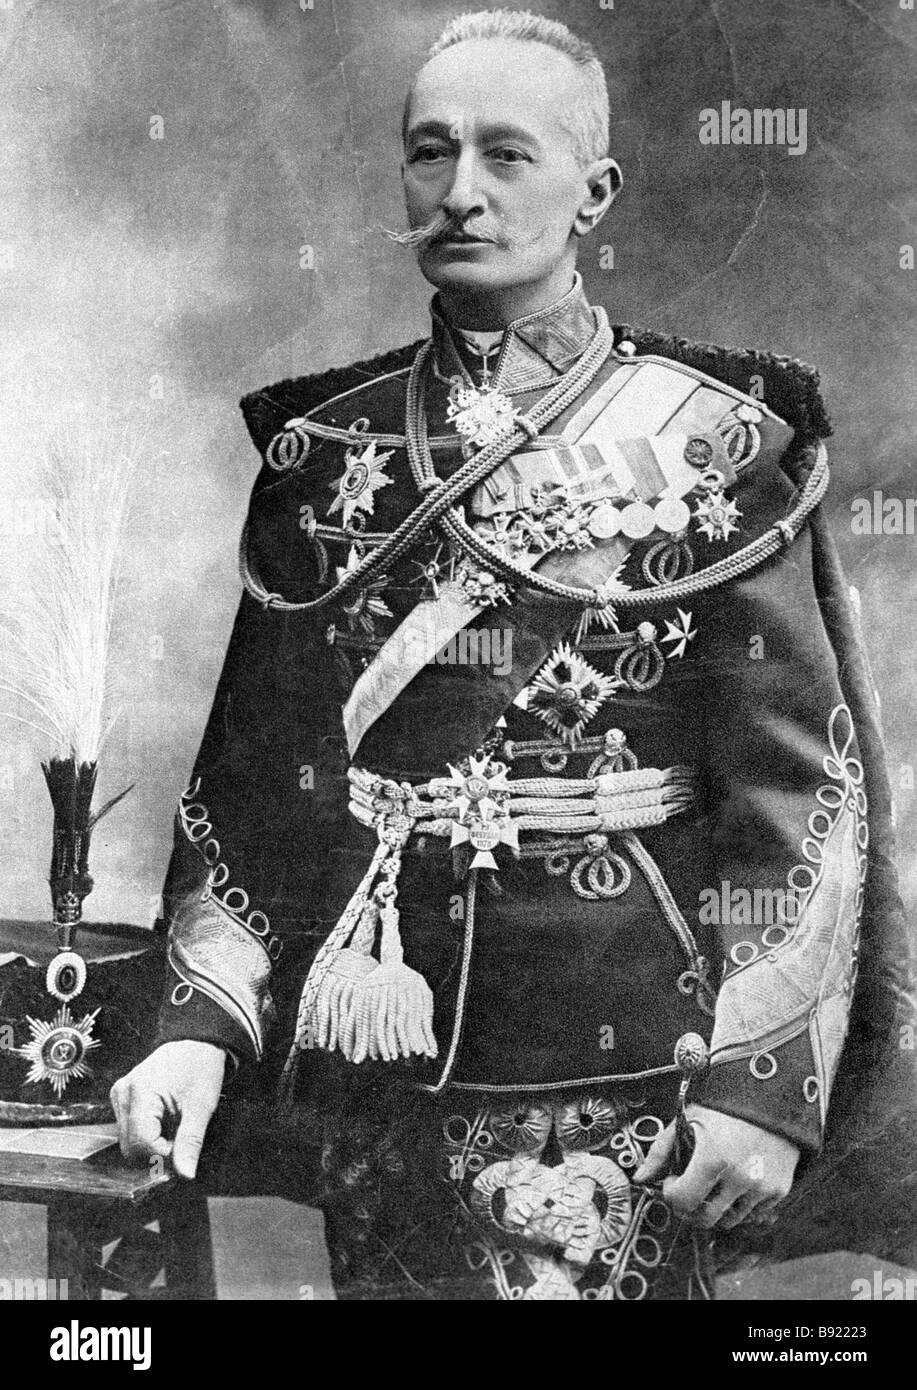 General Alexei Brusilov of the Russian Cavalry 1853 1926 - Stock Image